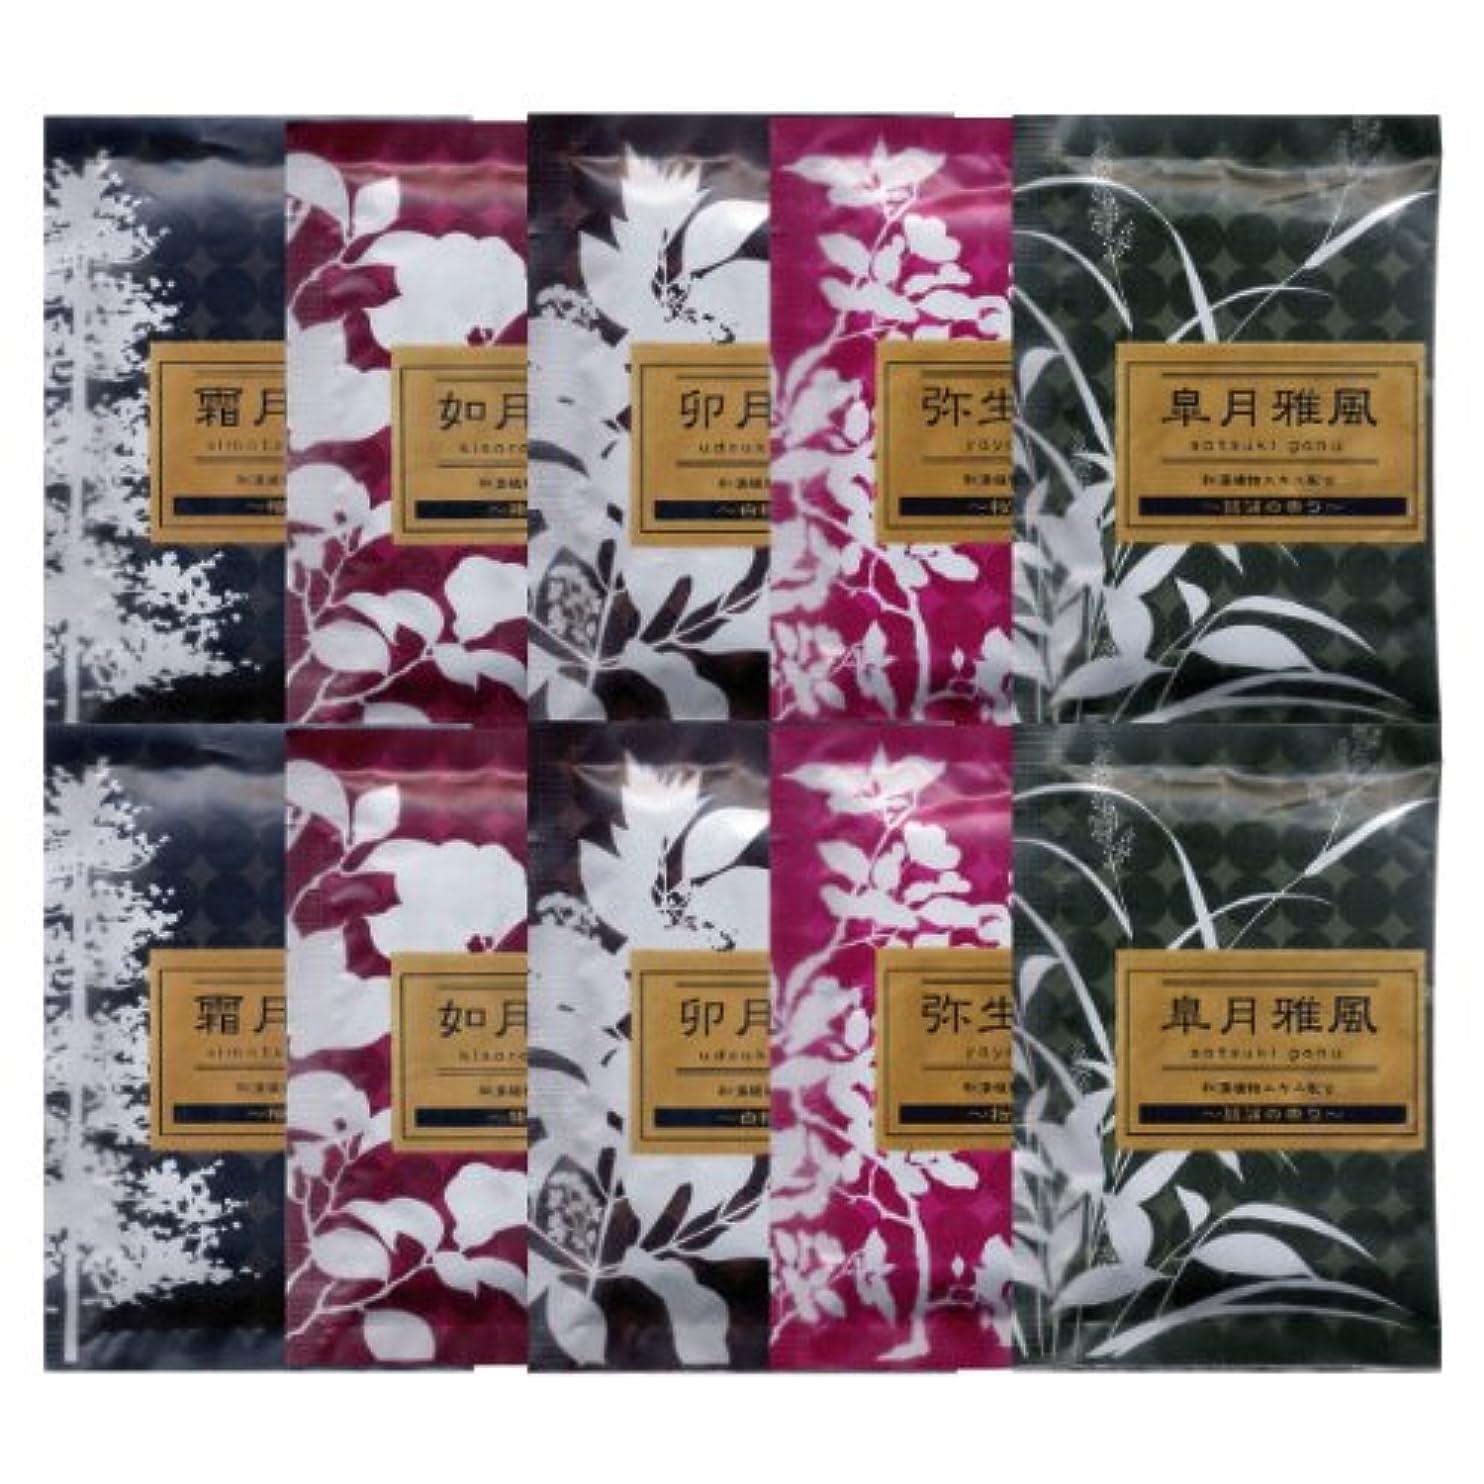 ガロンダウンタウンパフ薬用入浴剤 綺羅の刻 5種類×2 10包